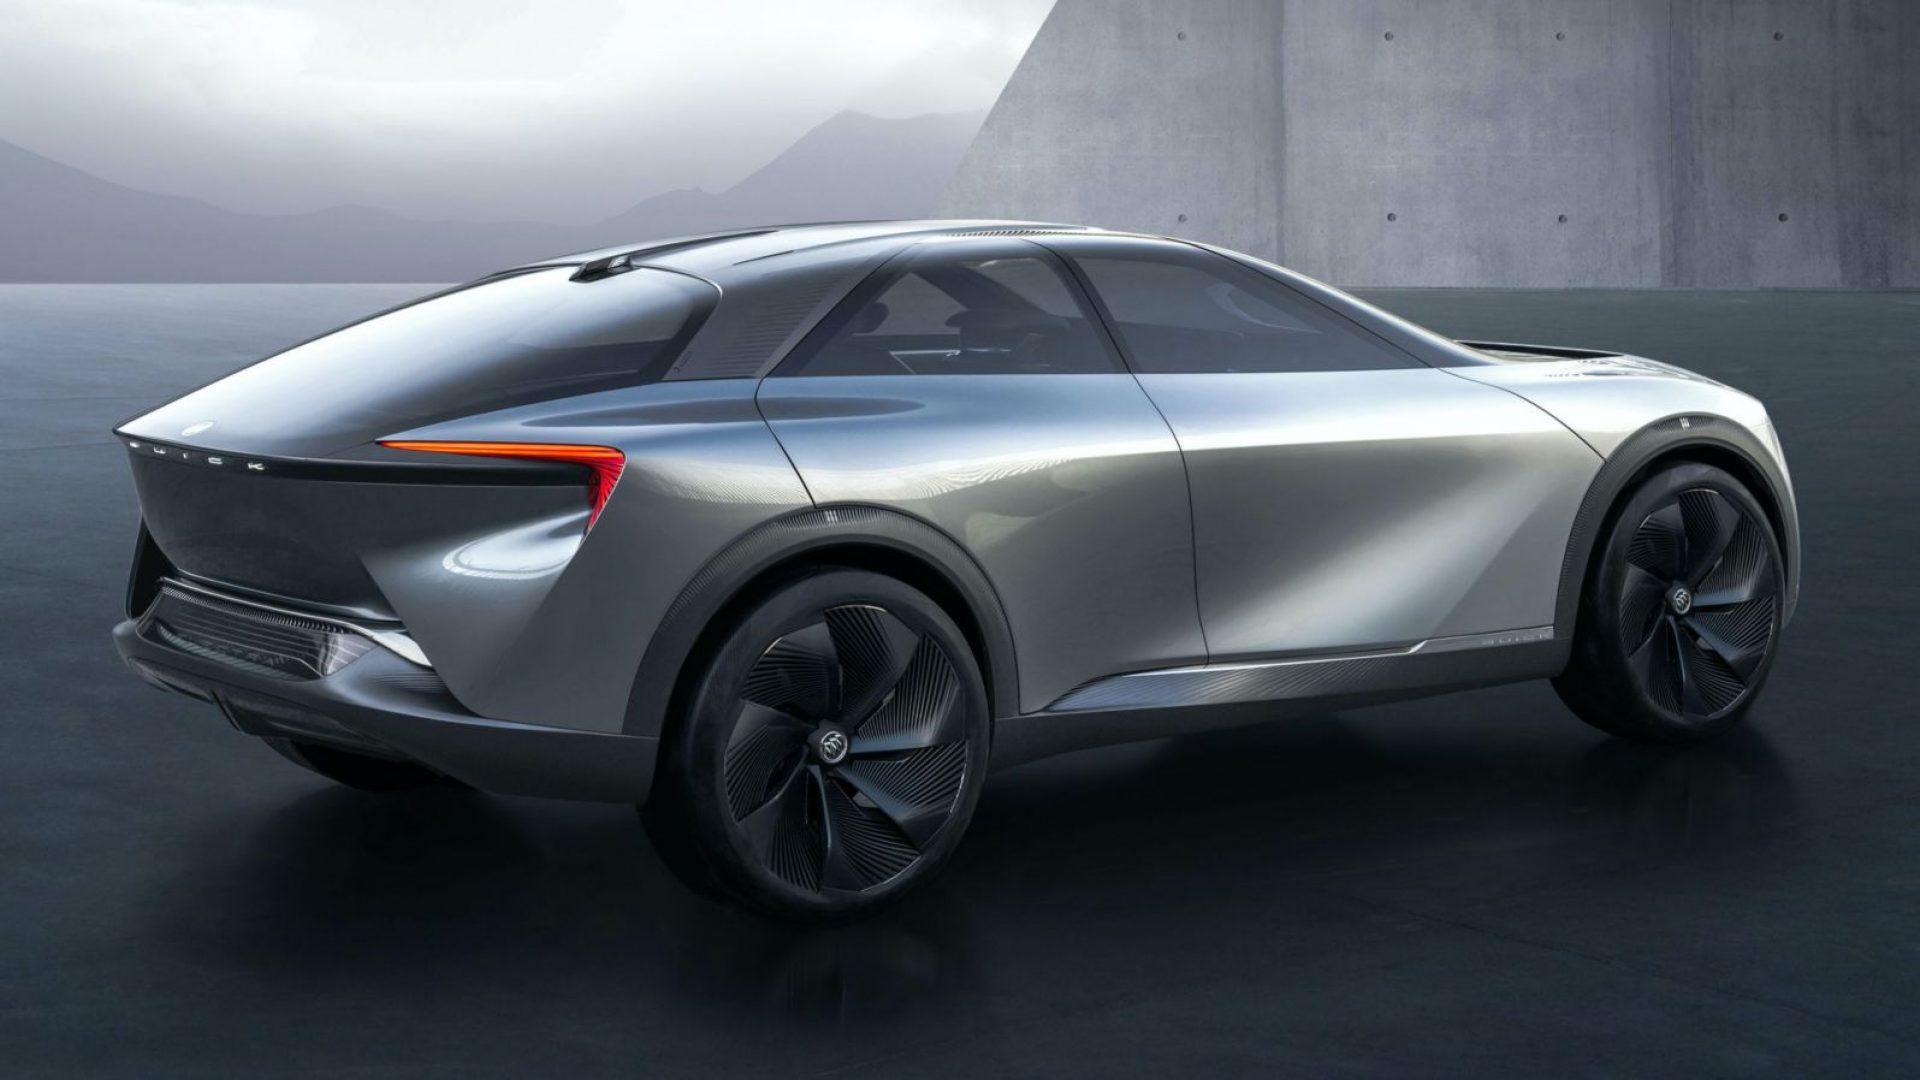 2020-Buick-Electra-Concept-05